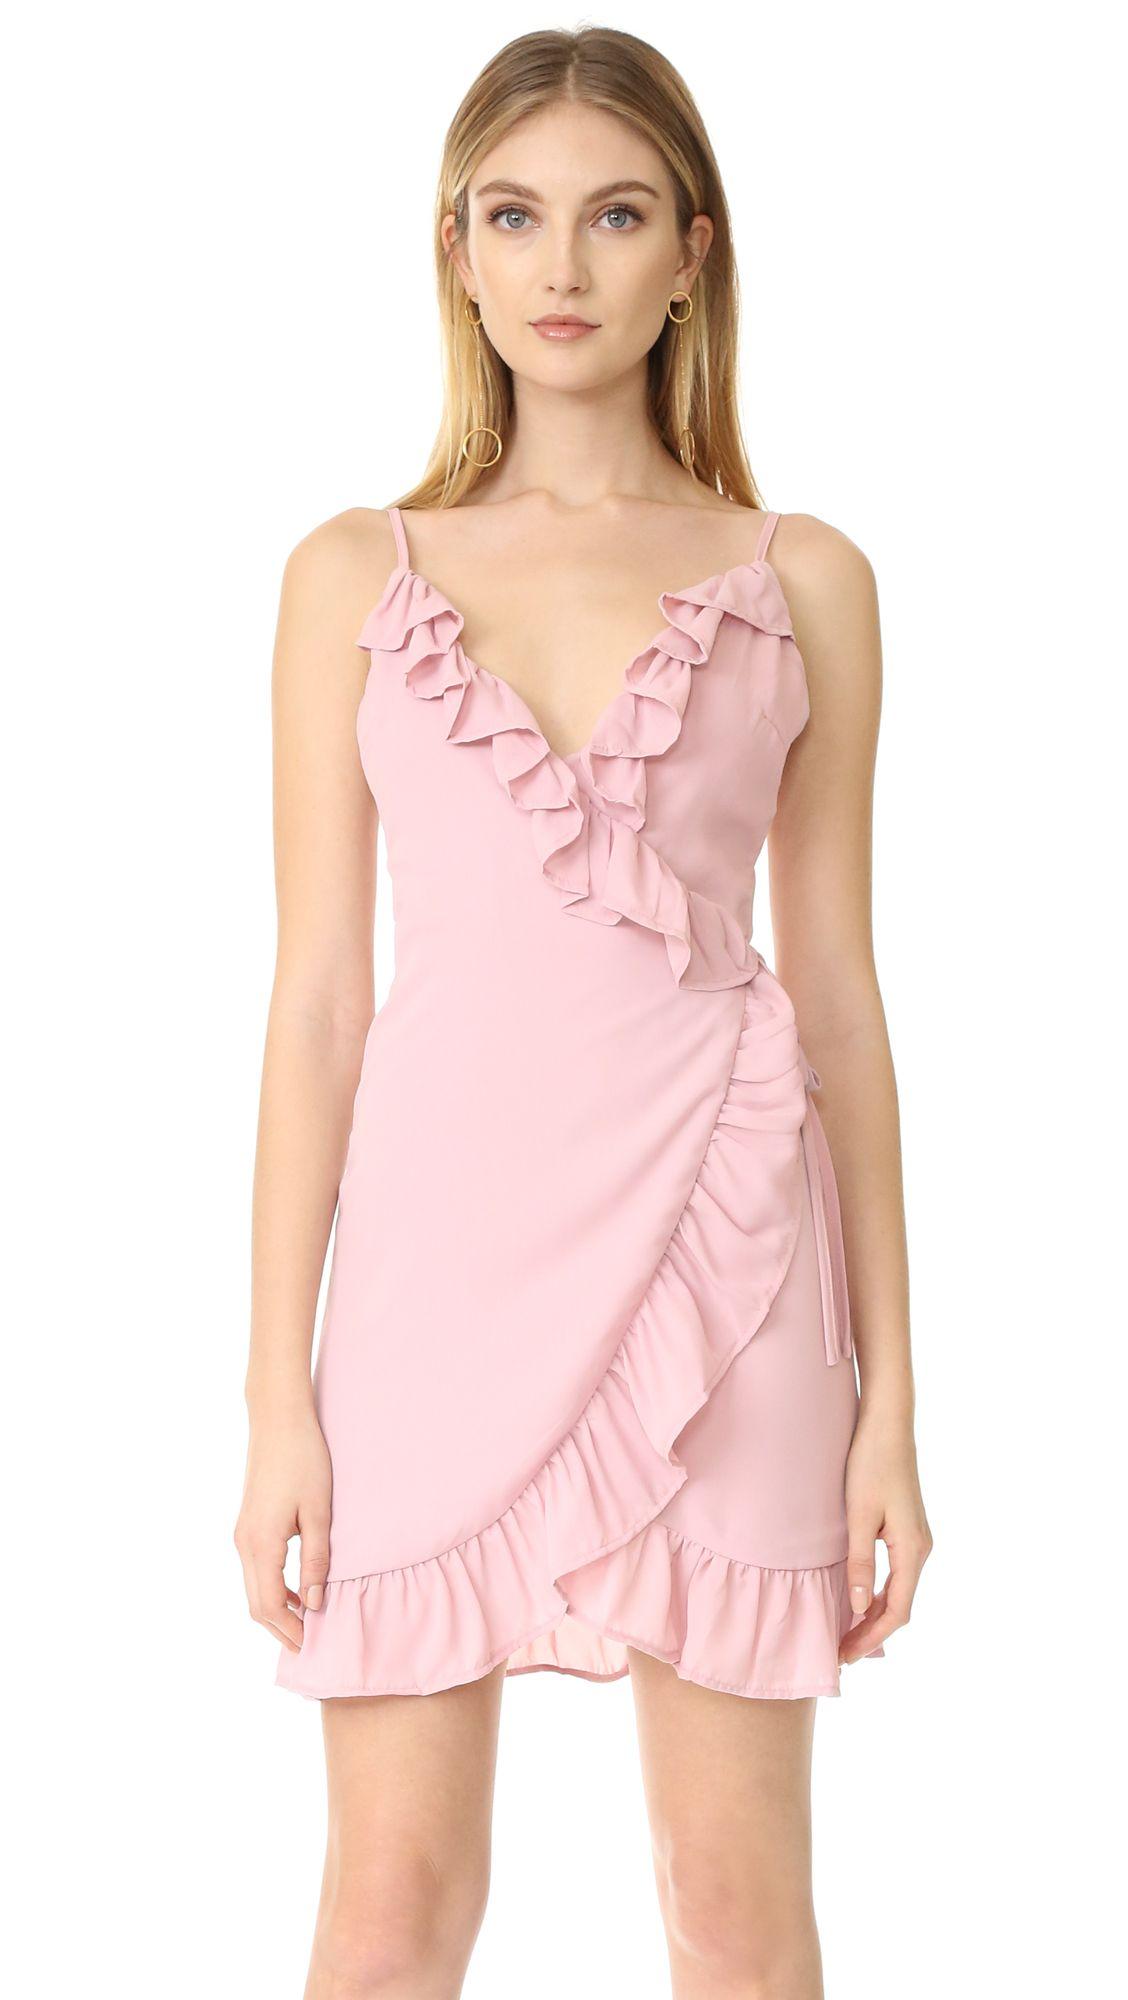 Lioness Caliente Ruffle Dress - Blush | BLOG: SHOP MY CLOSET | Pinterest